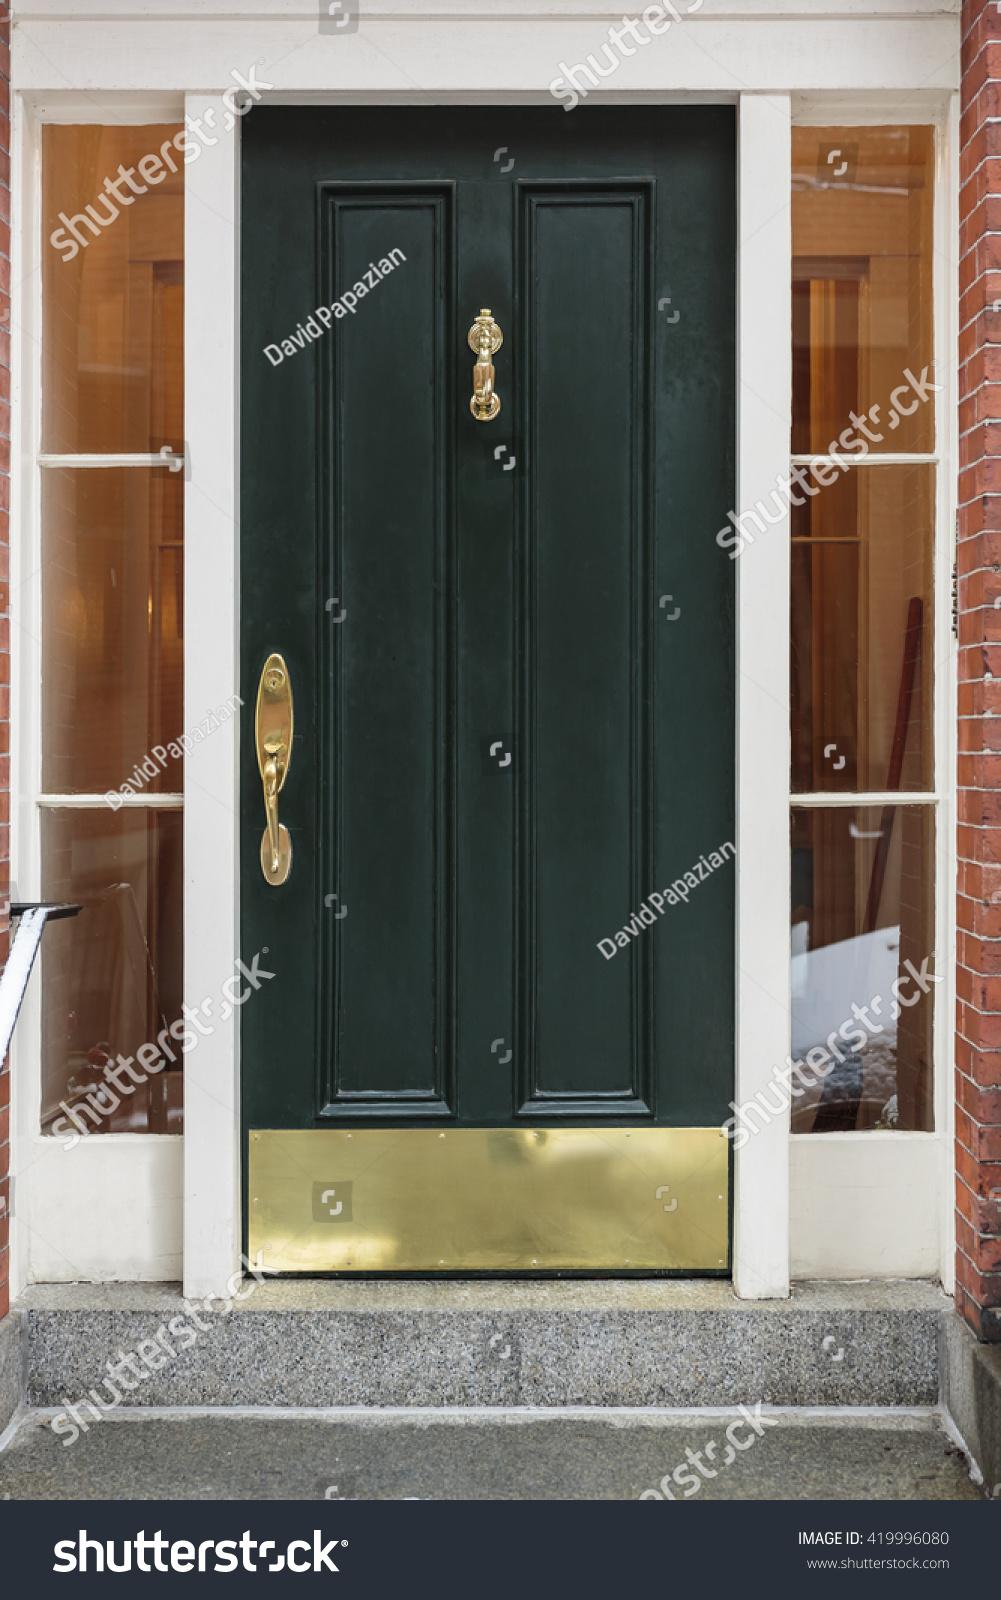 Front Door Green Brass Fixtures Stock Photo Royalty Free 419996080